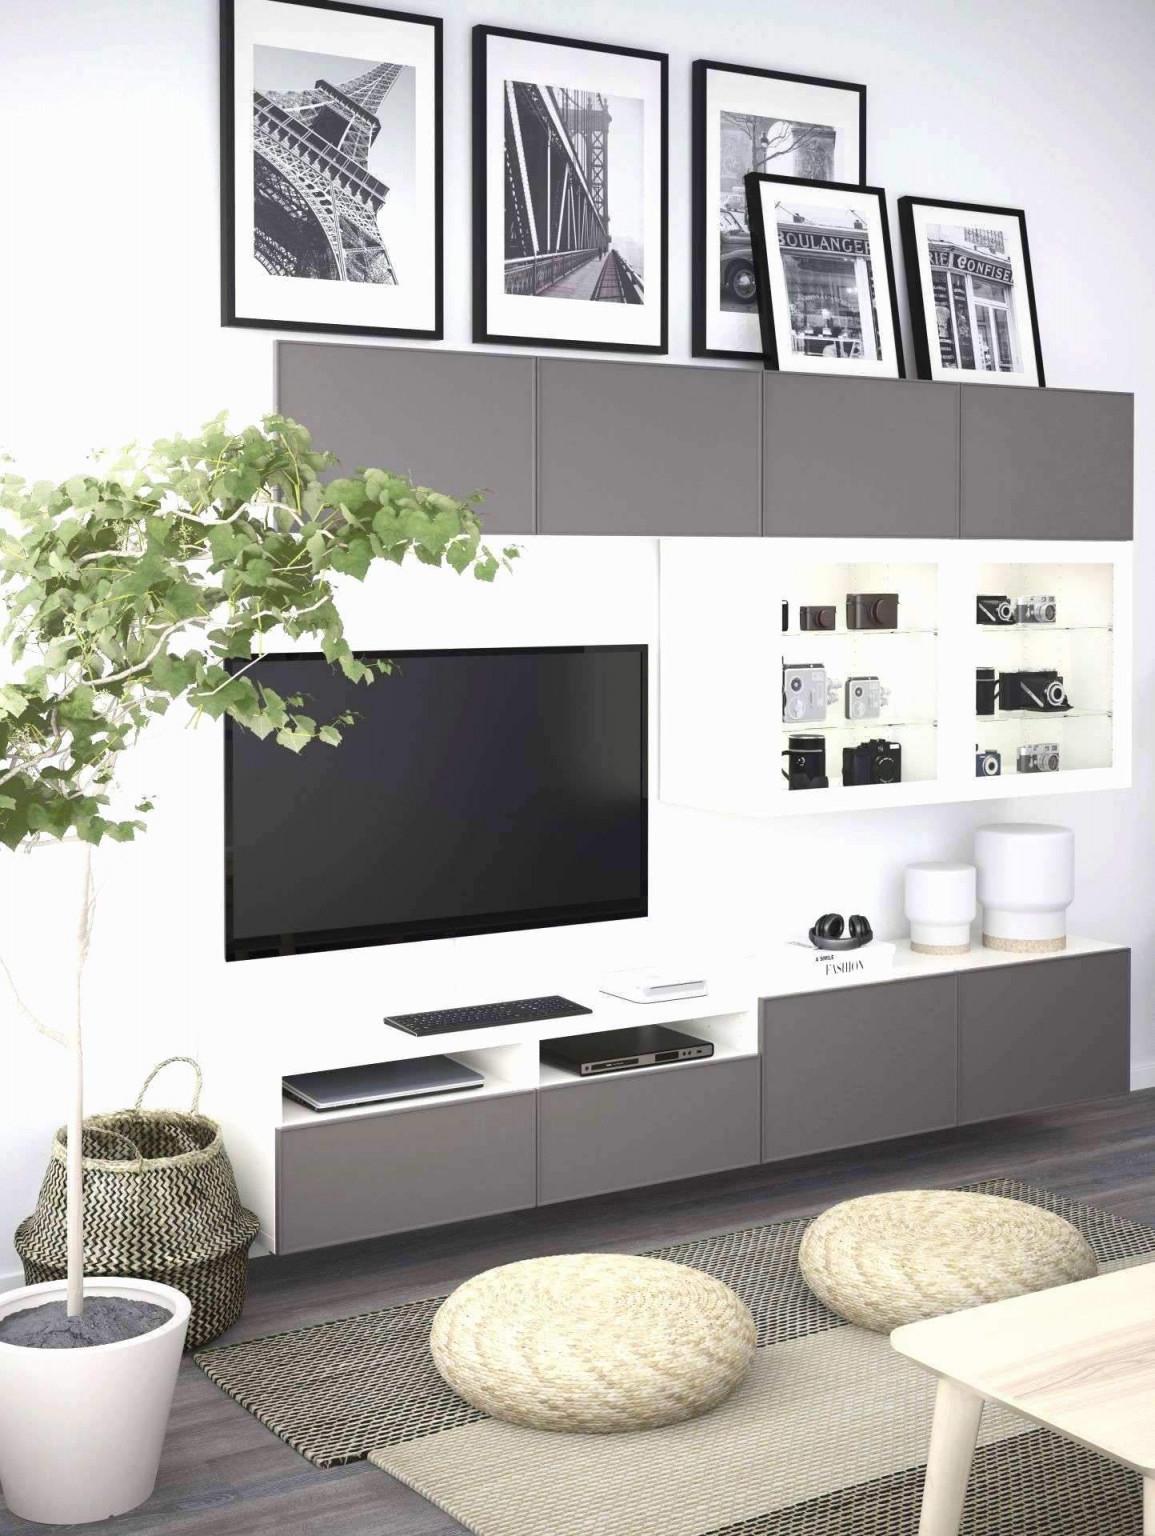 Teppich Im Wohnzimmer Luxus Rund Teppiche Meinung Von von Wohnzimmer Teppich Rund Photo